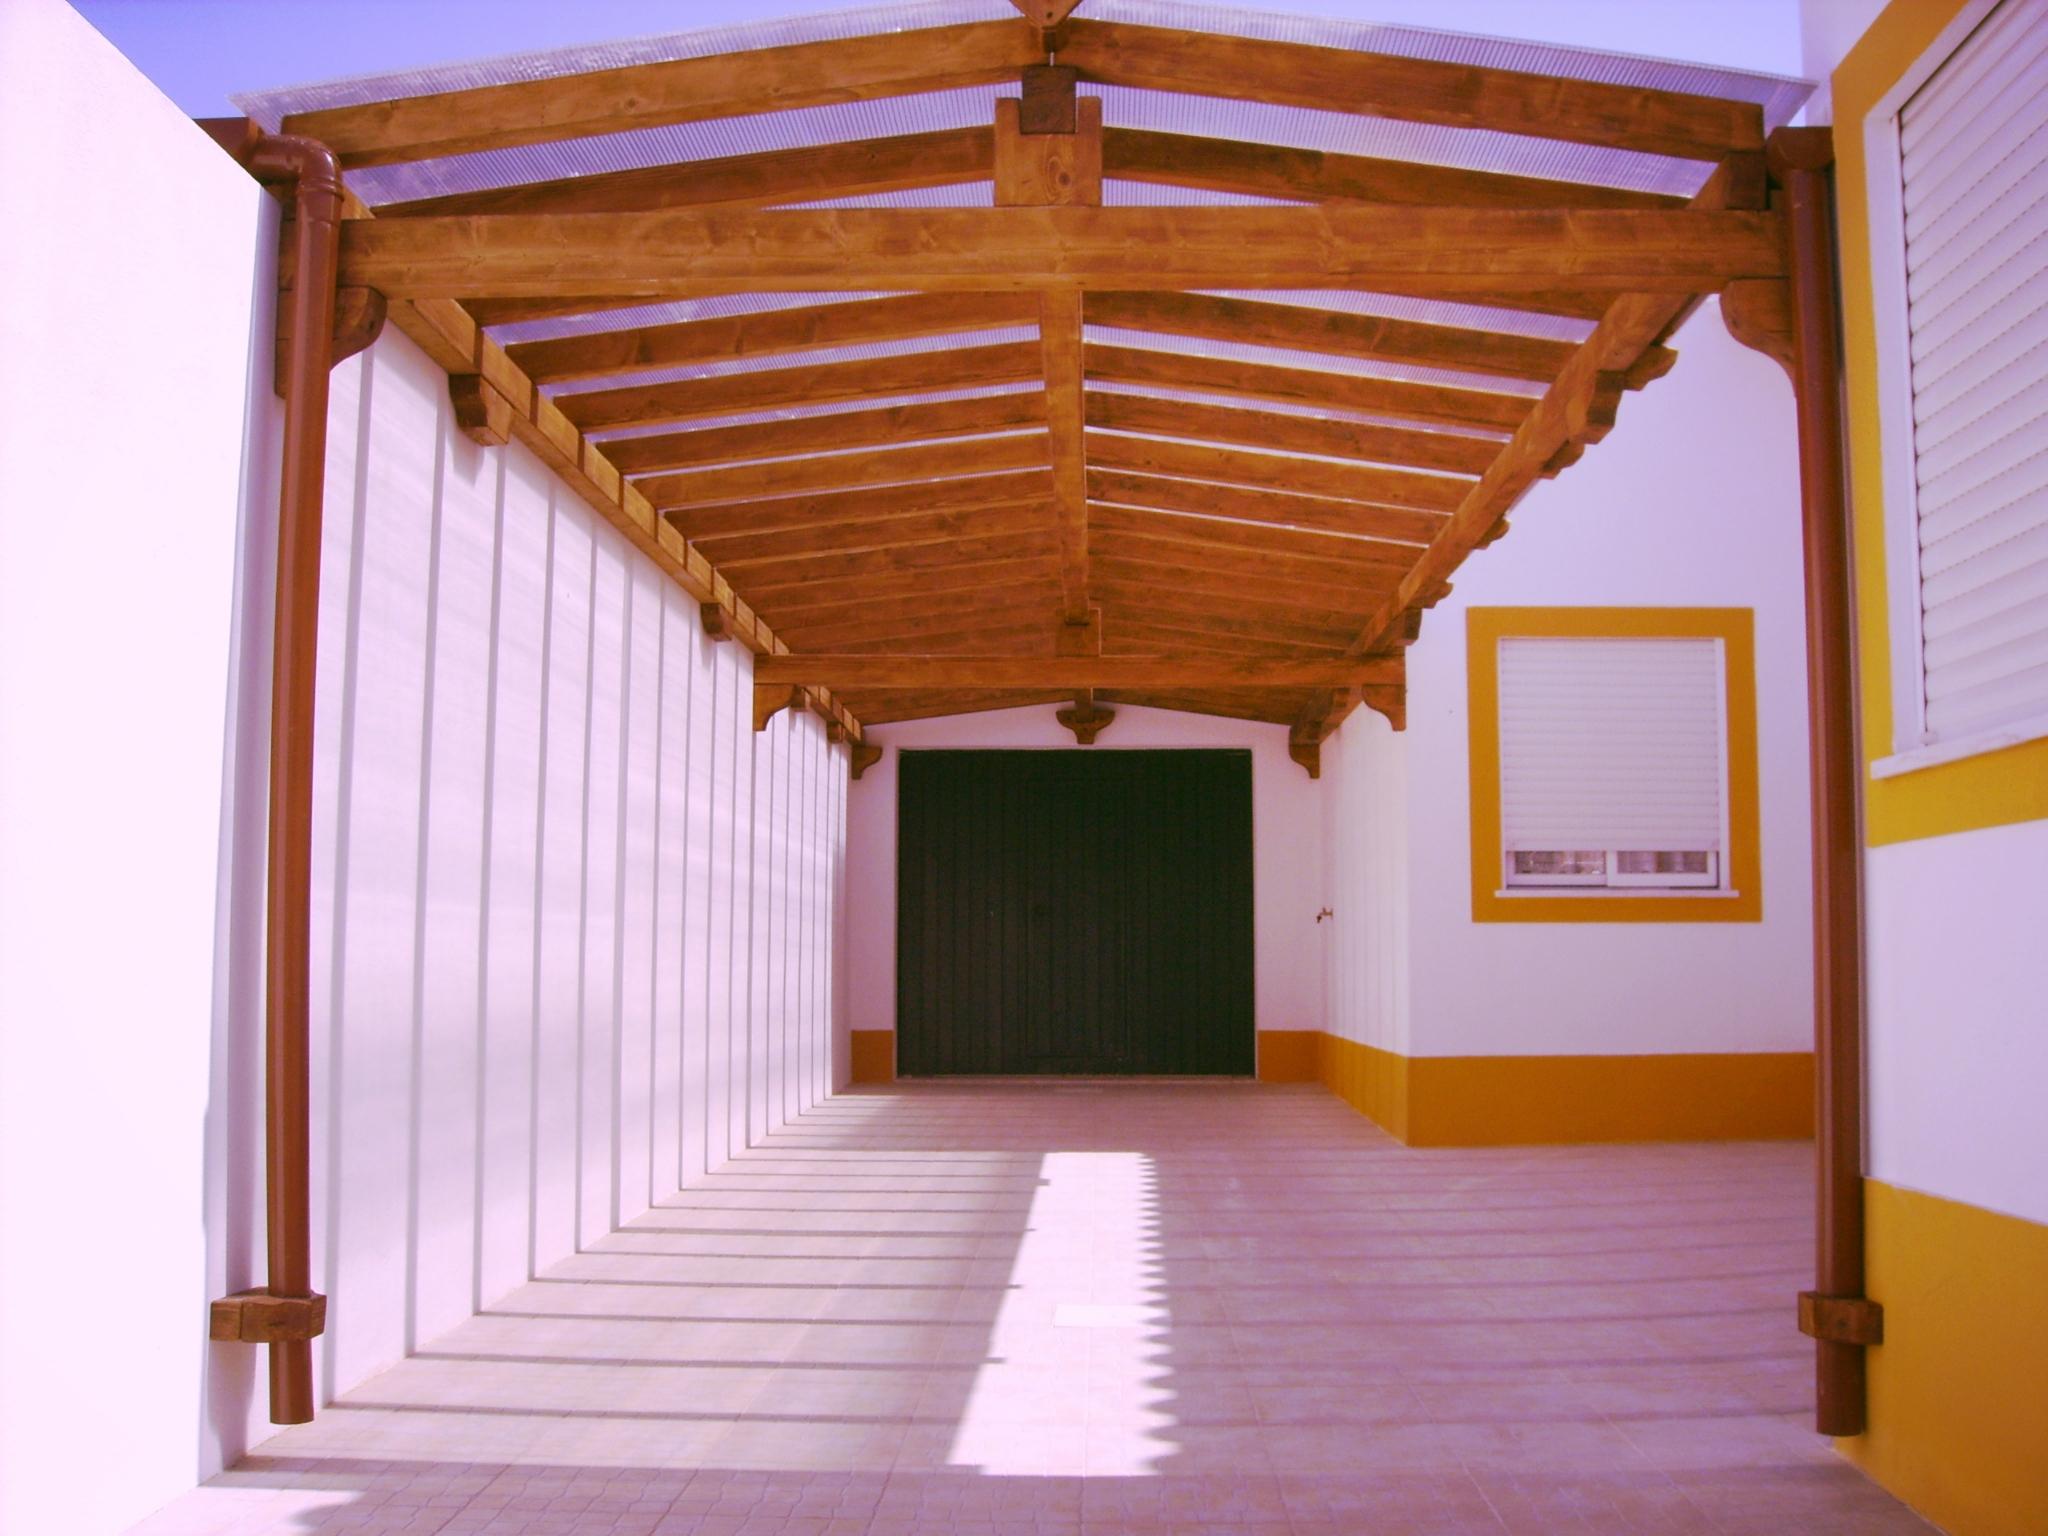 telheiros-madeira-pergolas-deck-terraços-varandas-estruturas madeira-jardins-garagem-casa